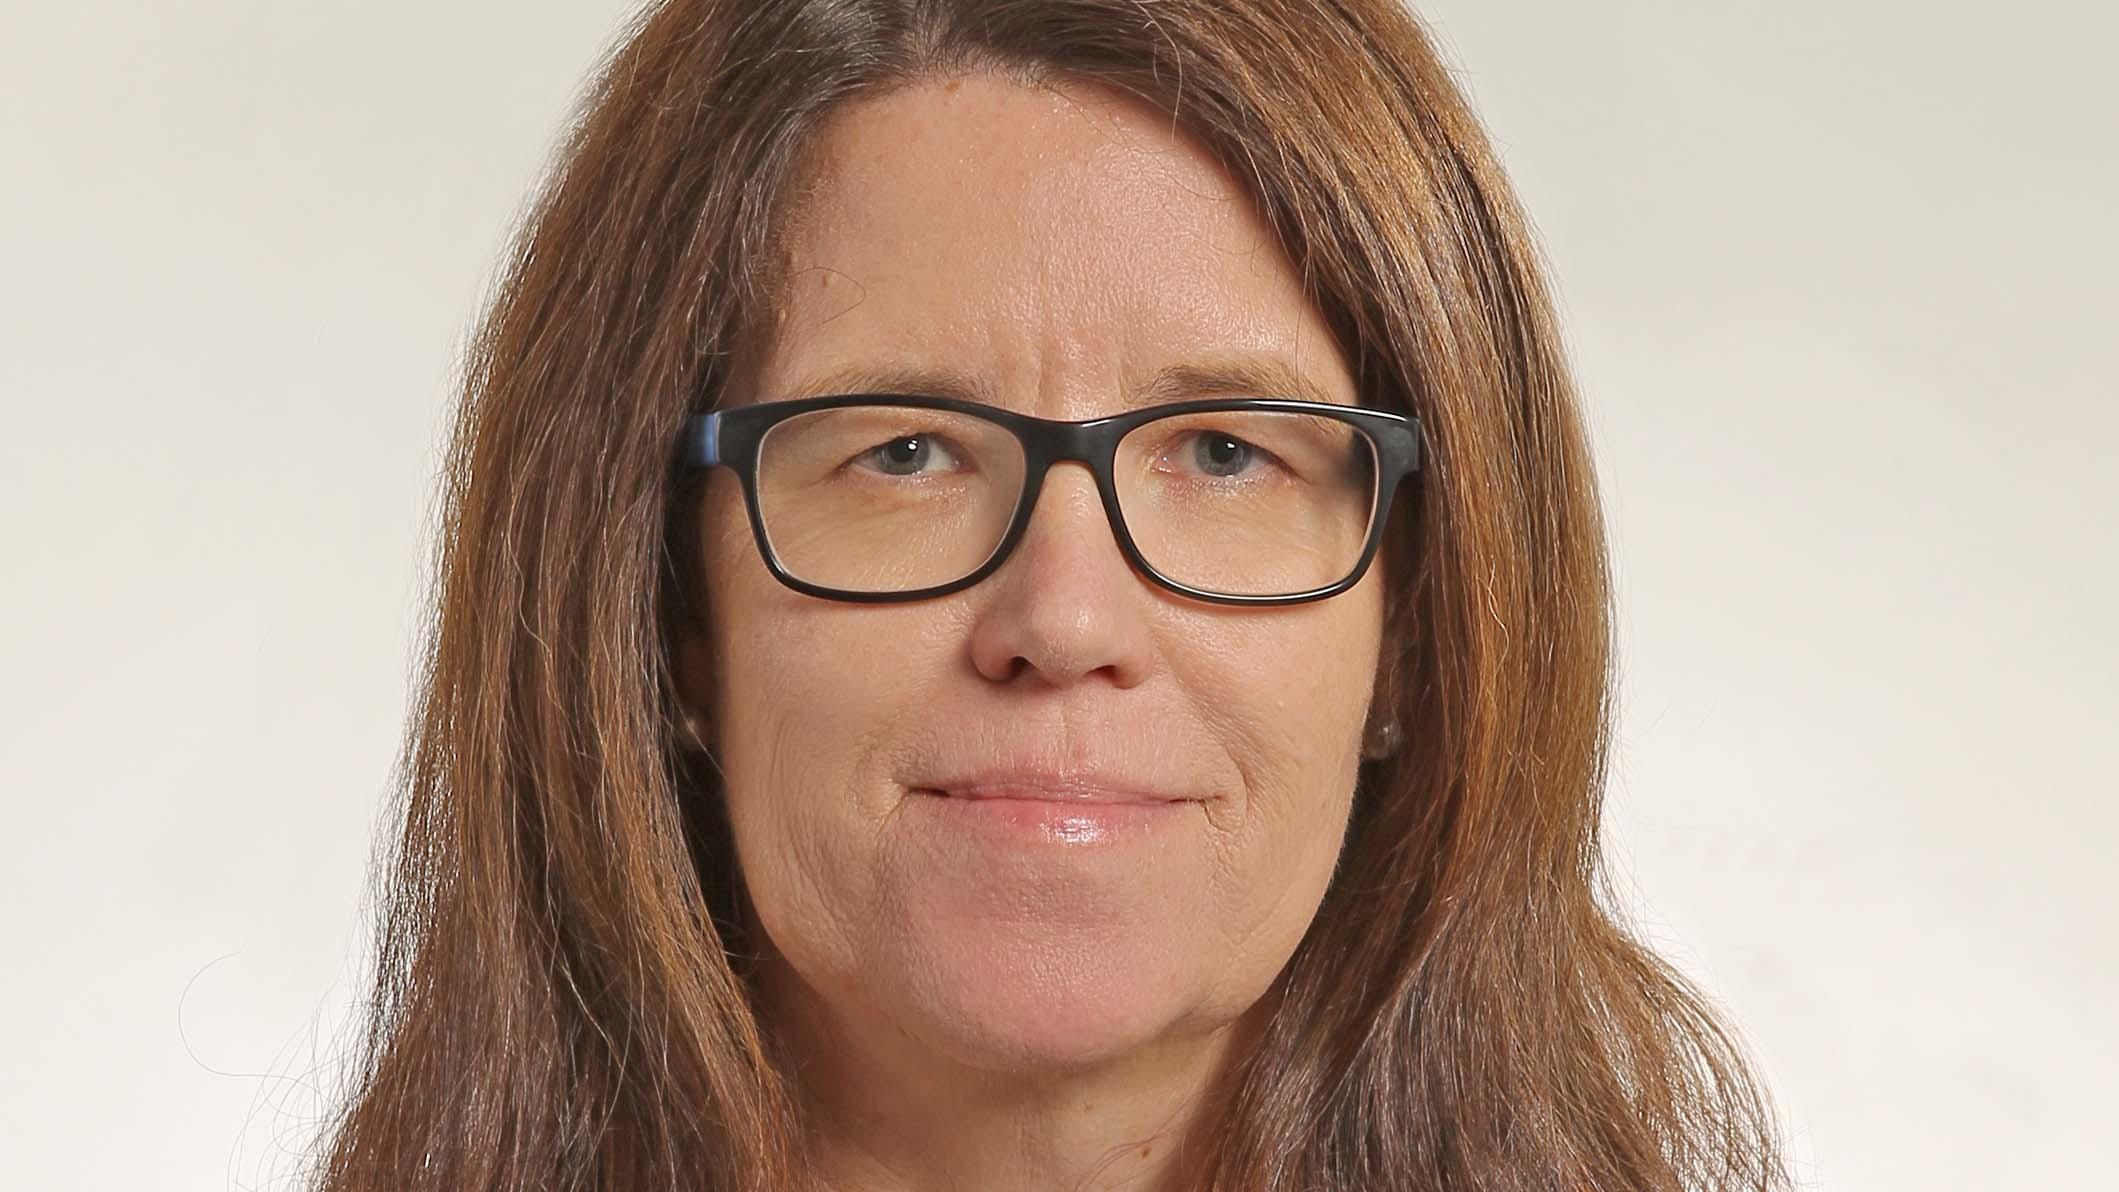 Irina Helmert